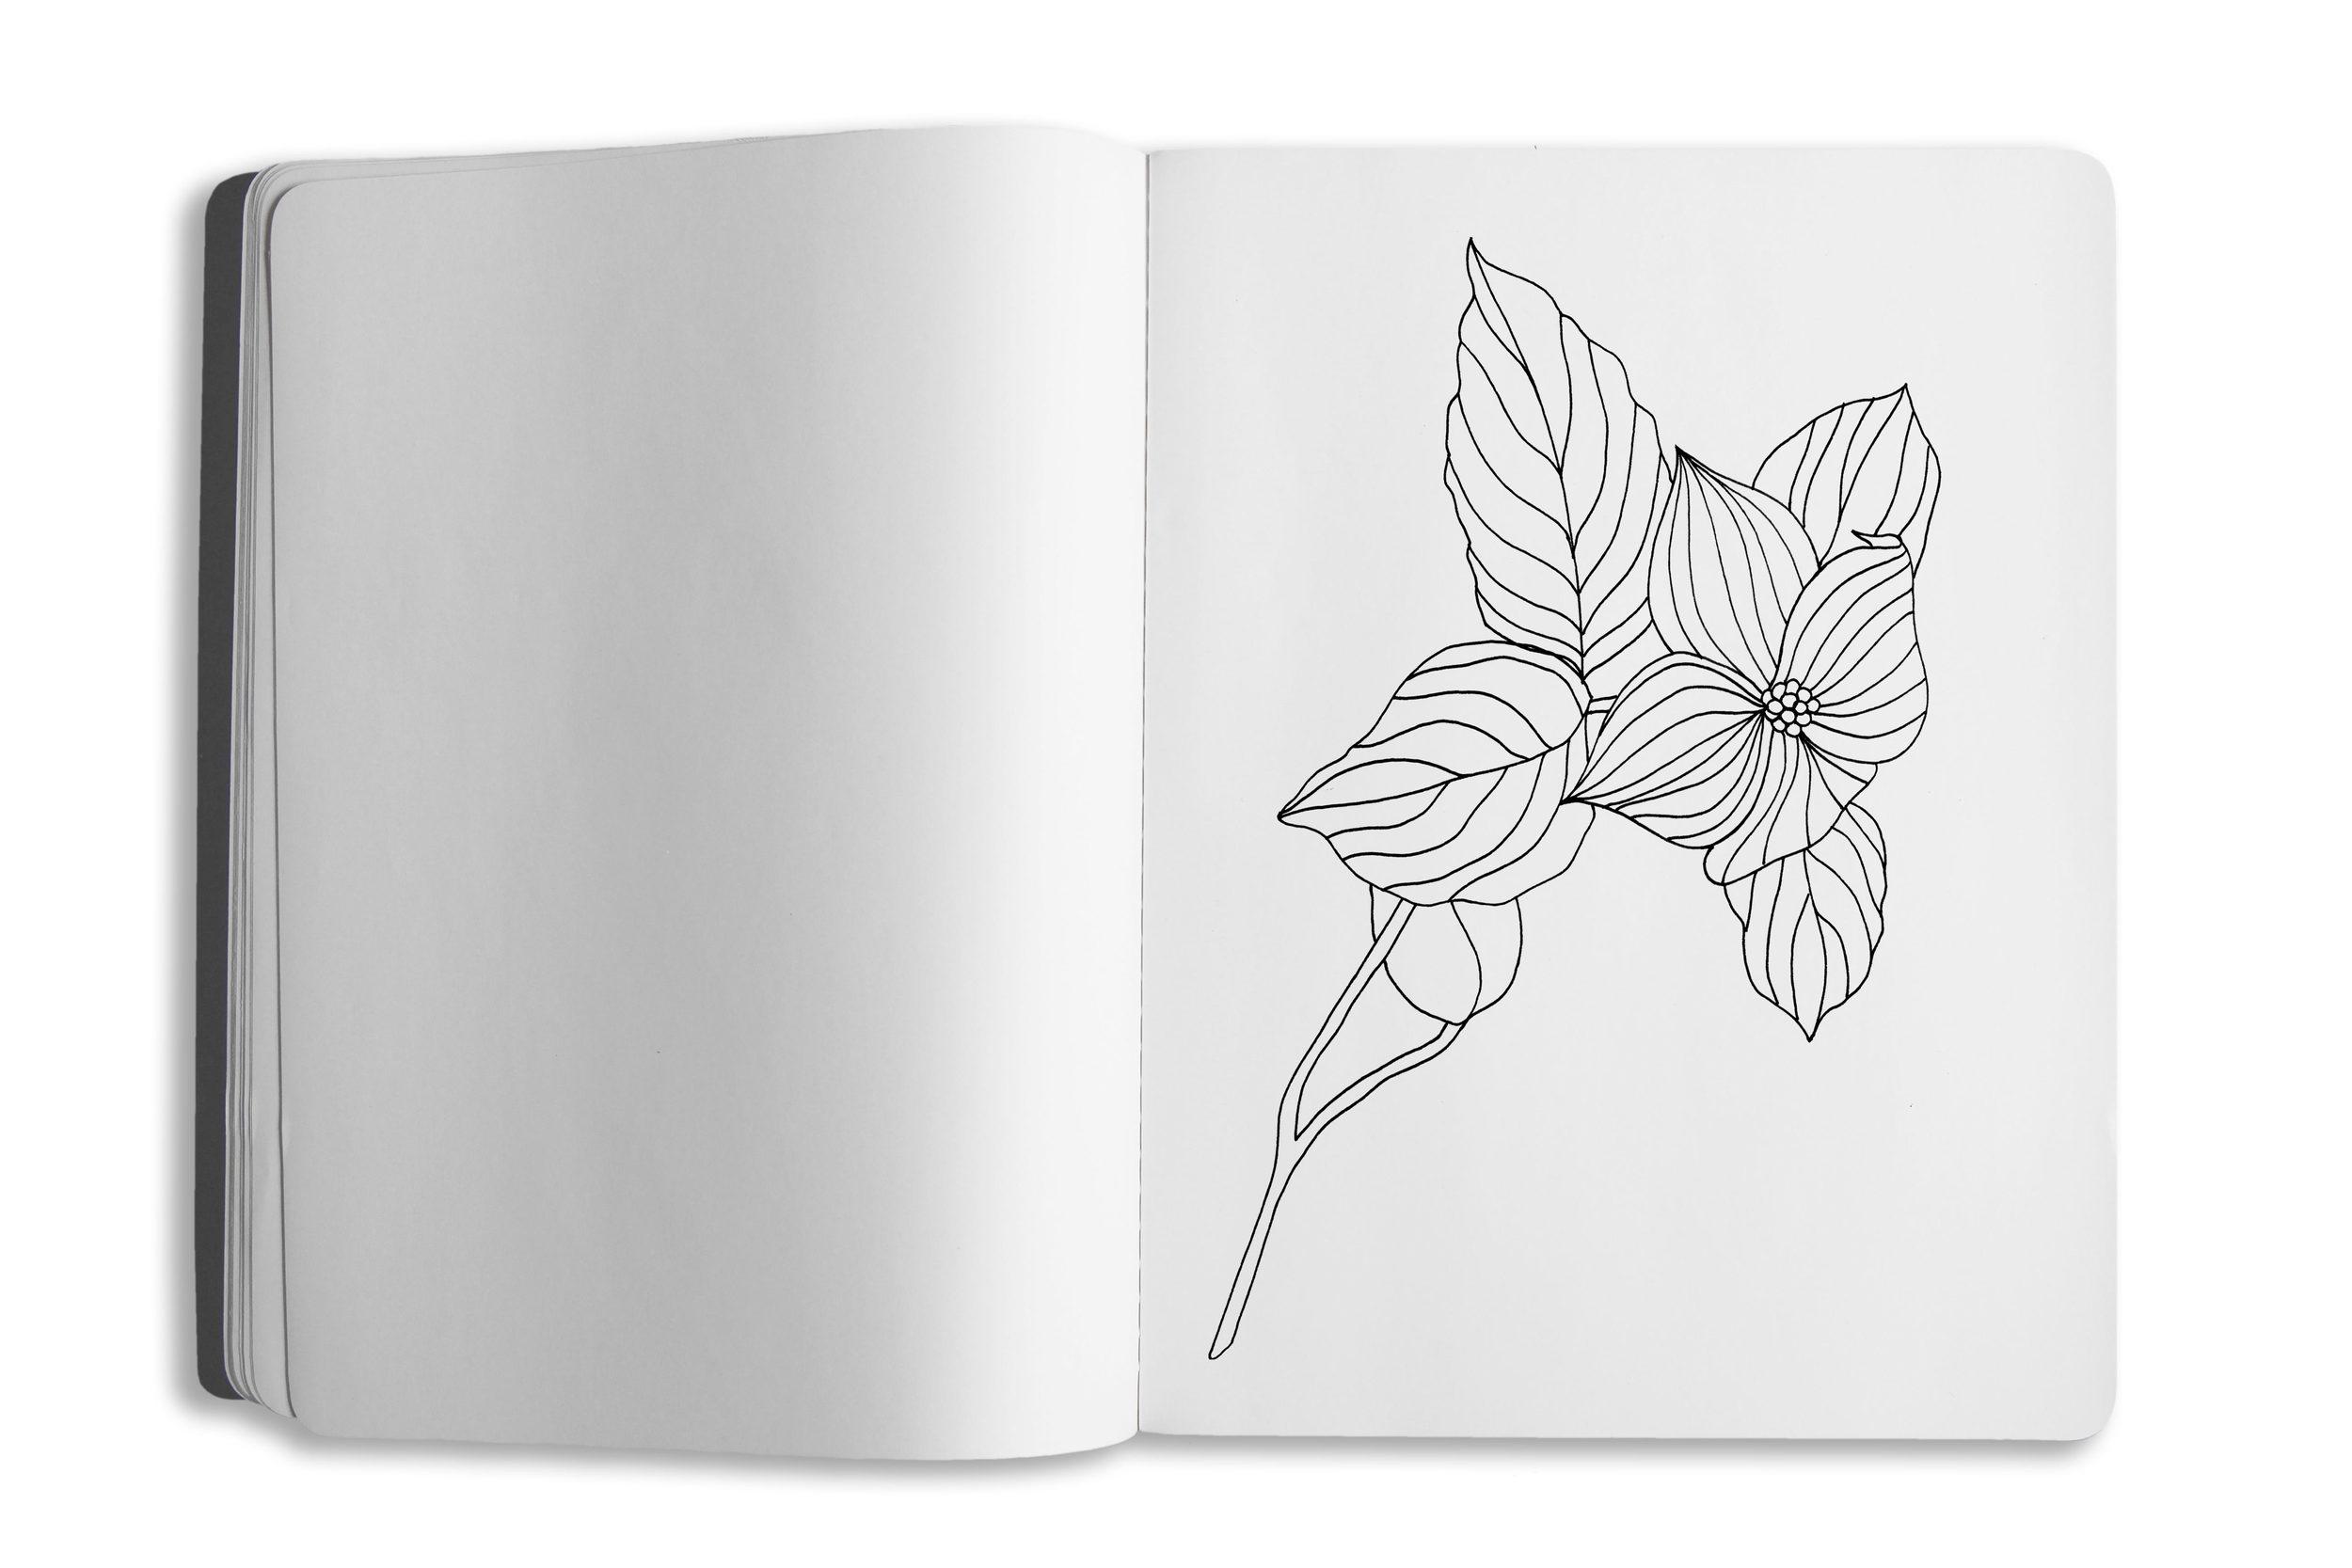 sketchbook-template-03-pg04.jpg